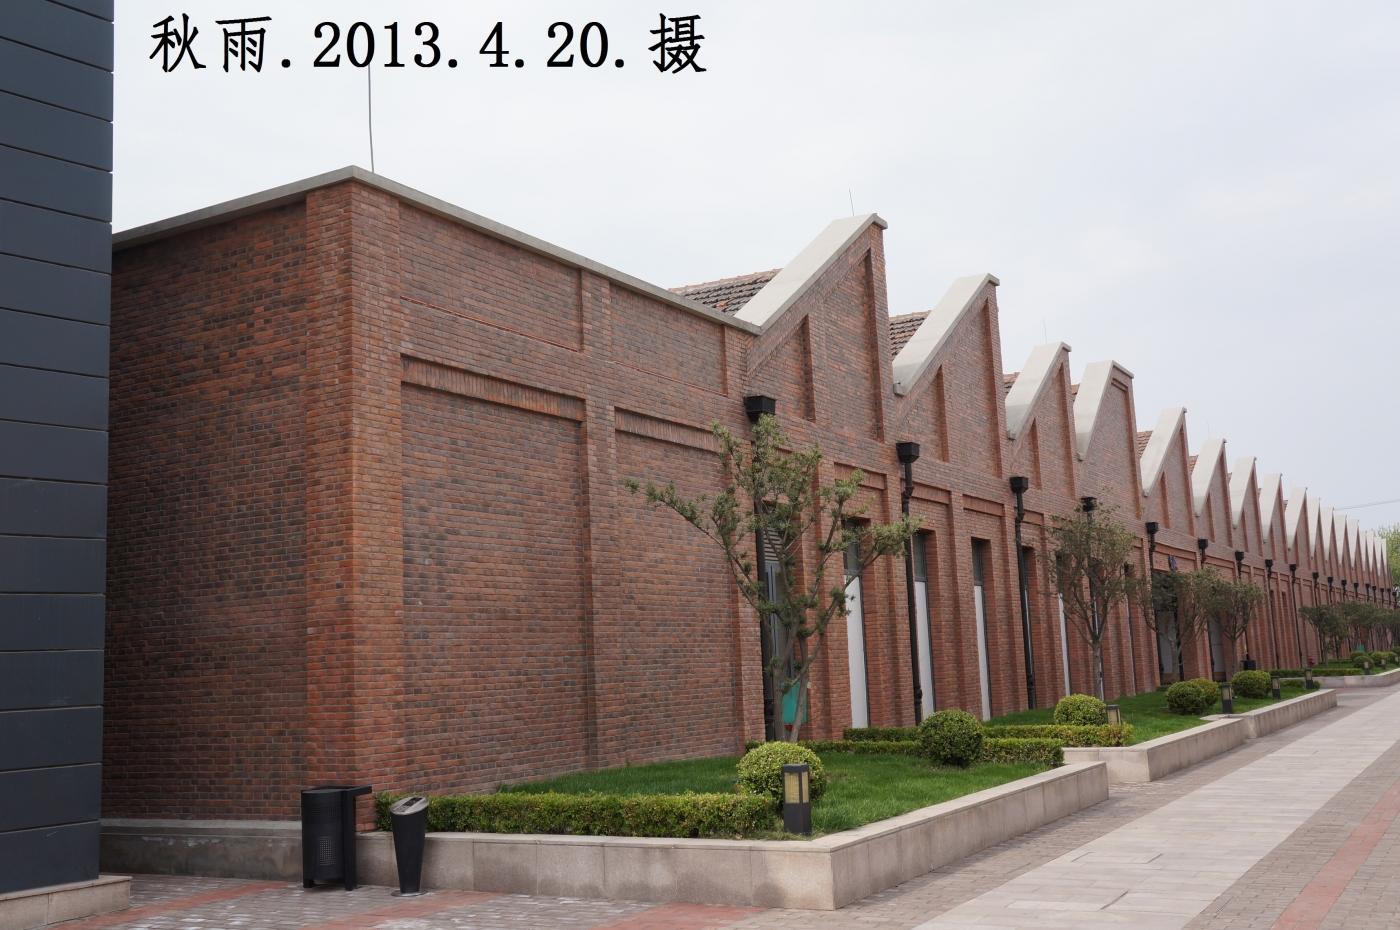 上海国际时尚中心,原国棉十七厂旧址(1),修旧如旧。摄影原创。 ..._图1-13